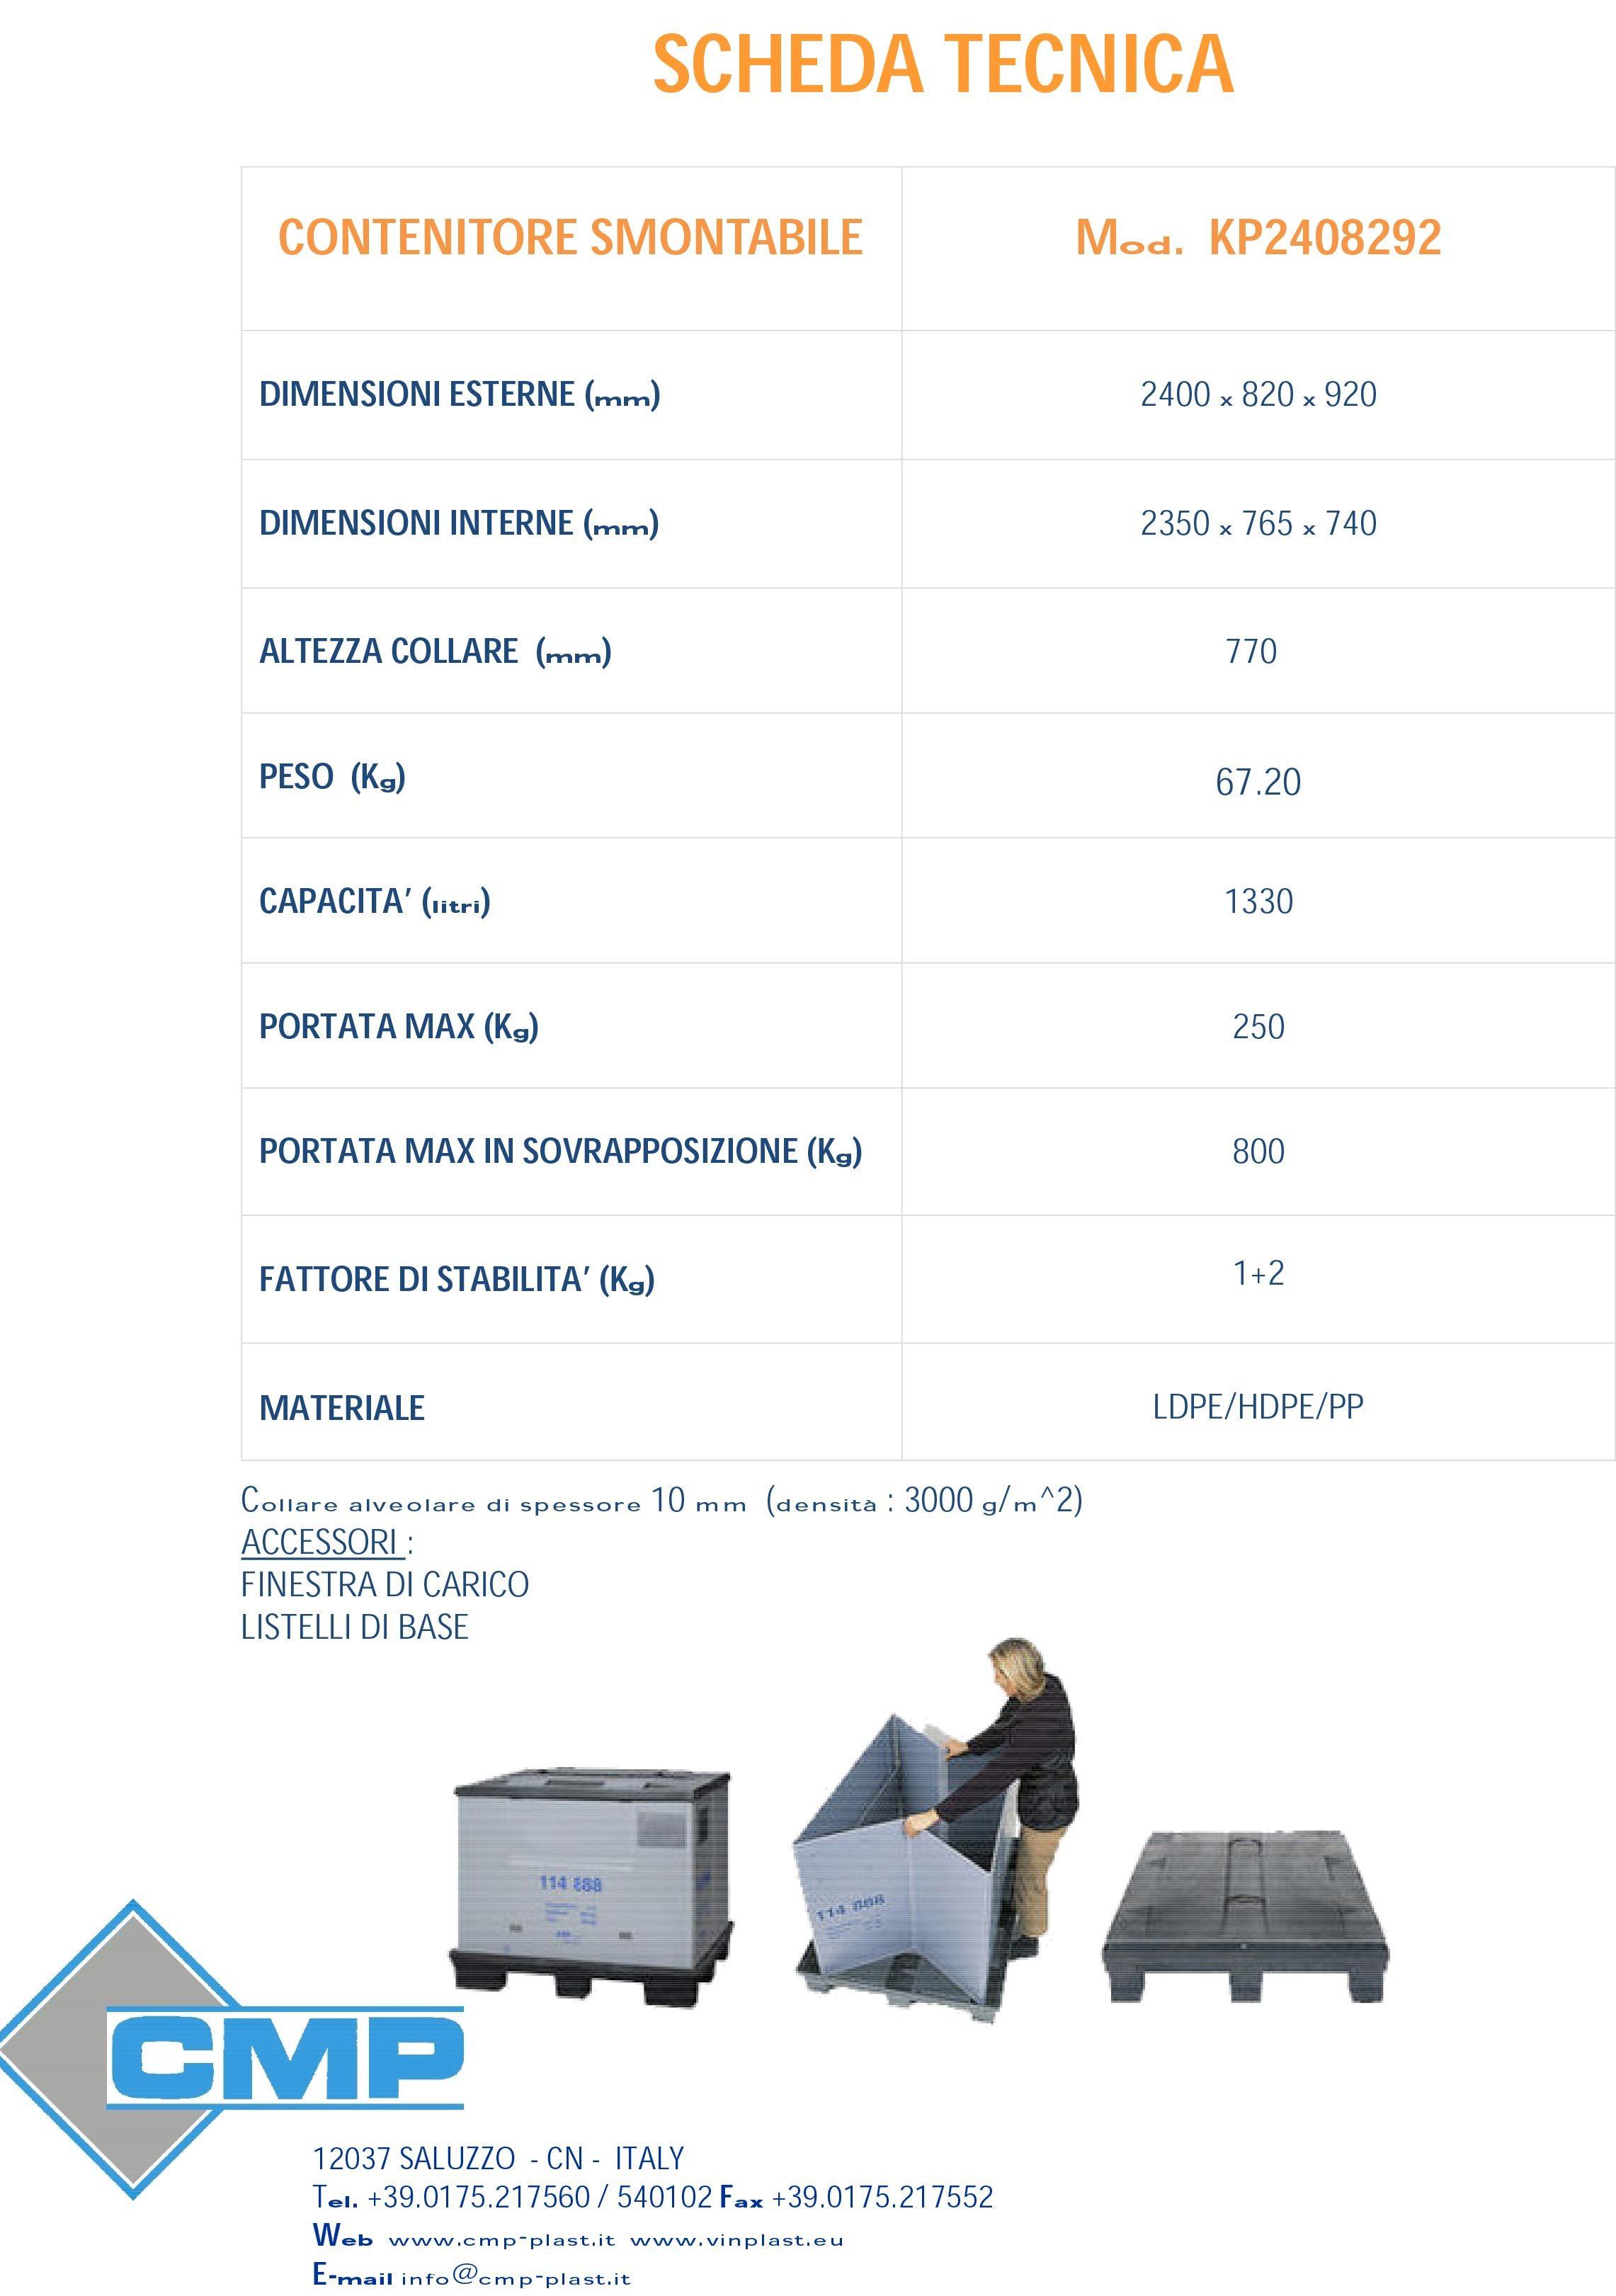 Kp 2408292 cmp pallet e contenitori di plastica - Scheda tecnica finestra ...